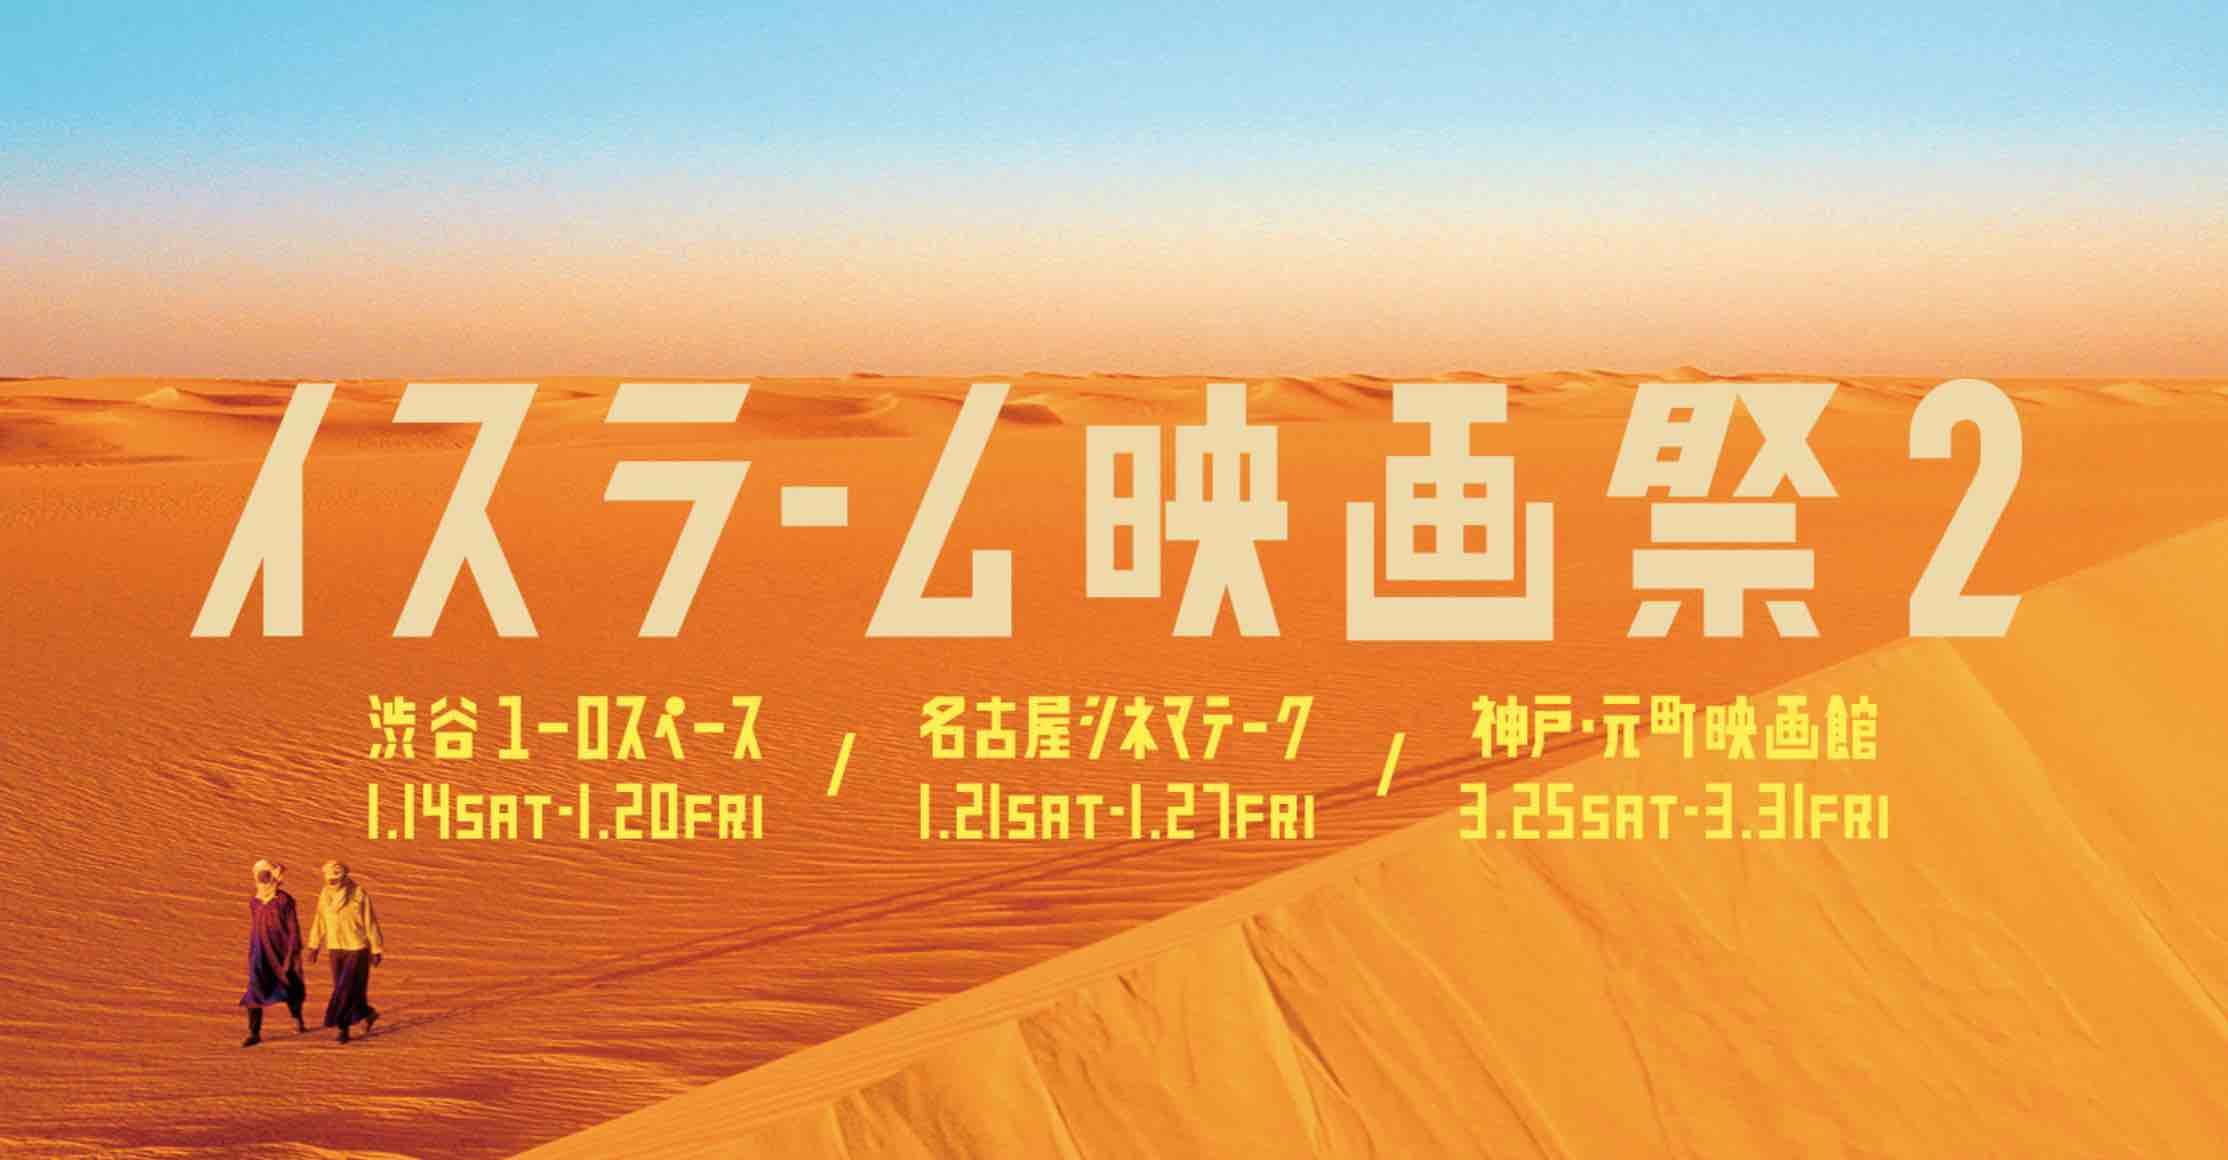 「イスラーム映画祭2」2017年1月14日〜(東京会場)で登壇します。